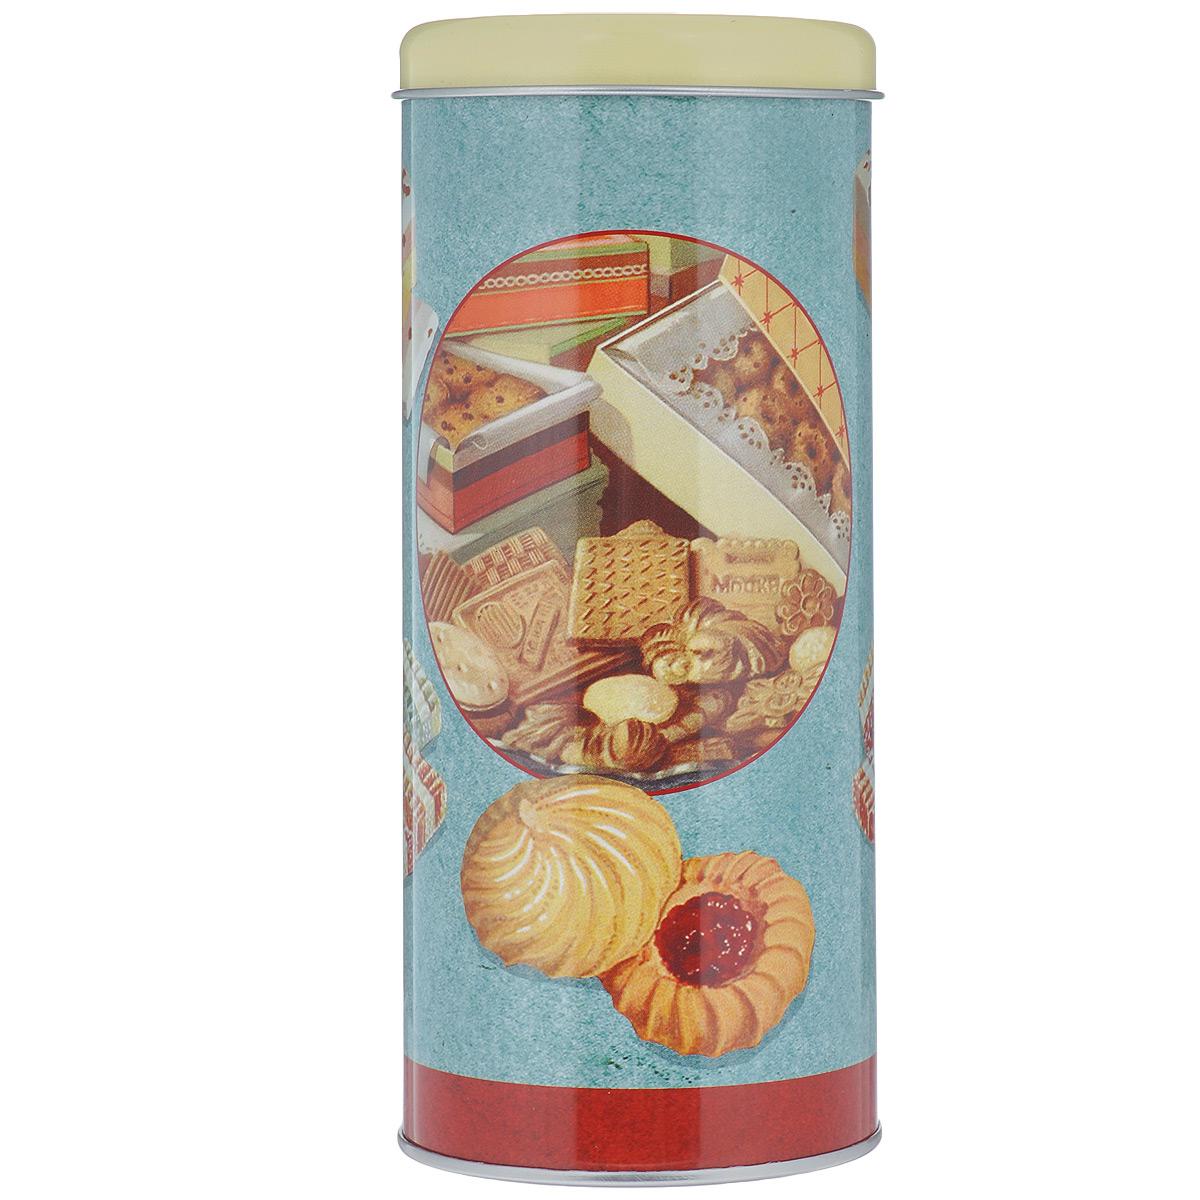 Банка для сыпучих продуктов Феникс-Презент Чаепитие, 750 мл37621Банка для сыпучих продуктов Феникс-Презент Чаепитие изготовлена из металла и оснащена крышкой. Корпус банки оформлен рисунком с изображением различных сладостей. Изделие идеально подойдет для хранения чая, кофе, сахара или других сыпучих продуктов. Банка сохраняет продукты свежими и ароматными на длительное время. Функциональная и вместительная, такая банка станет незаменимым аксессуаром и стильно оформит интерьер кухни.